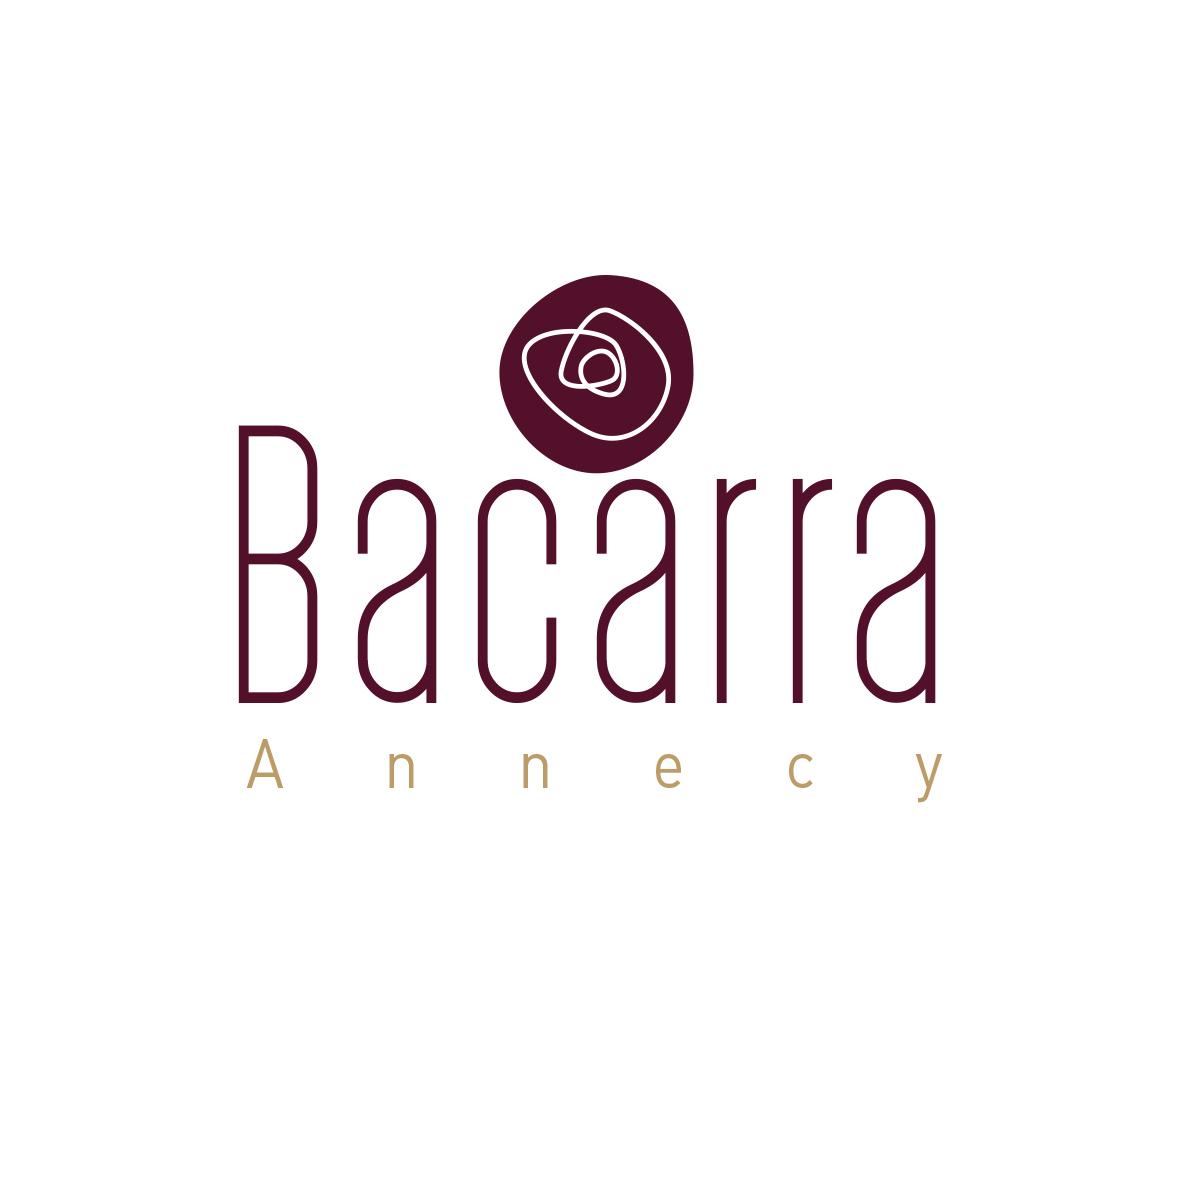 Bacarra Annecy Imaprim